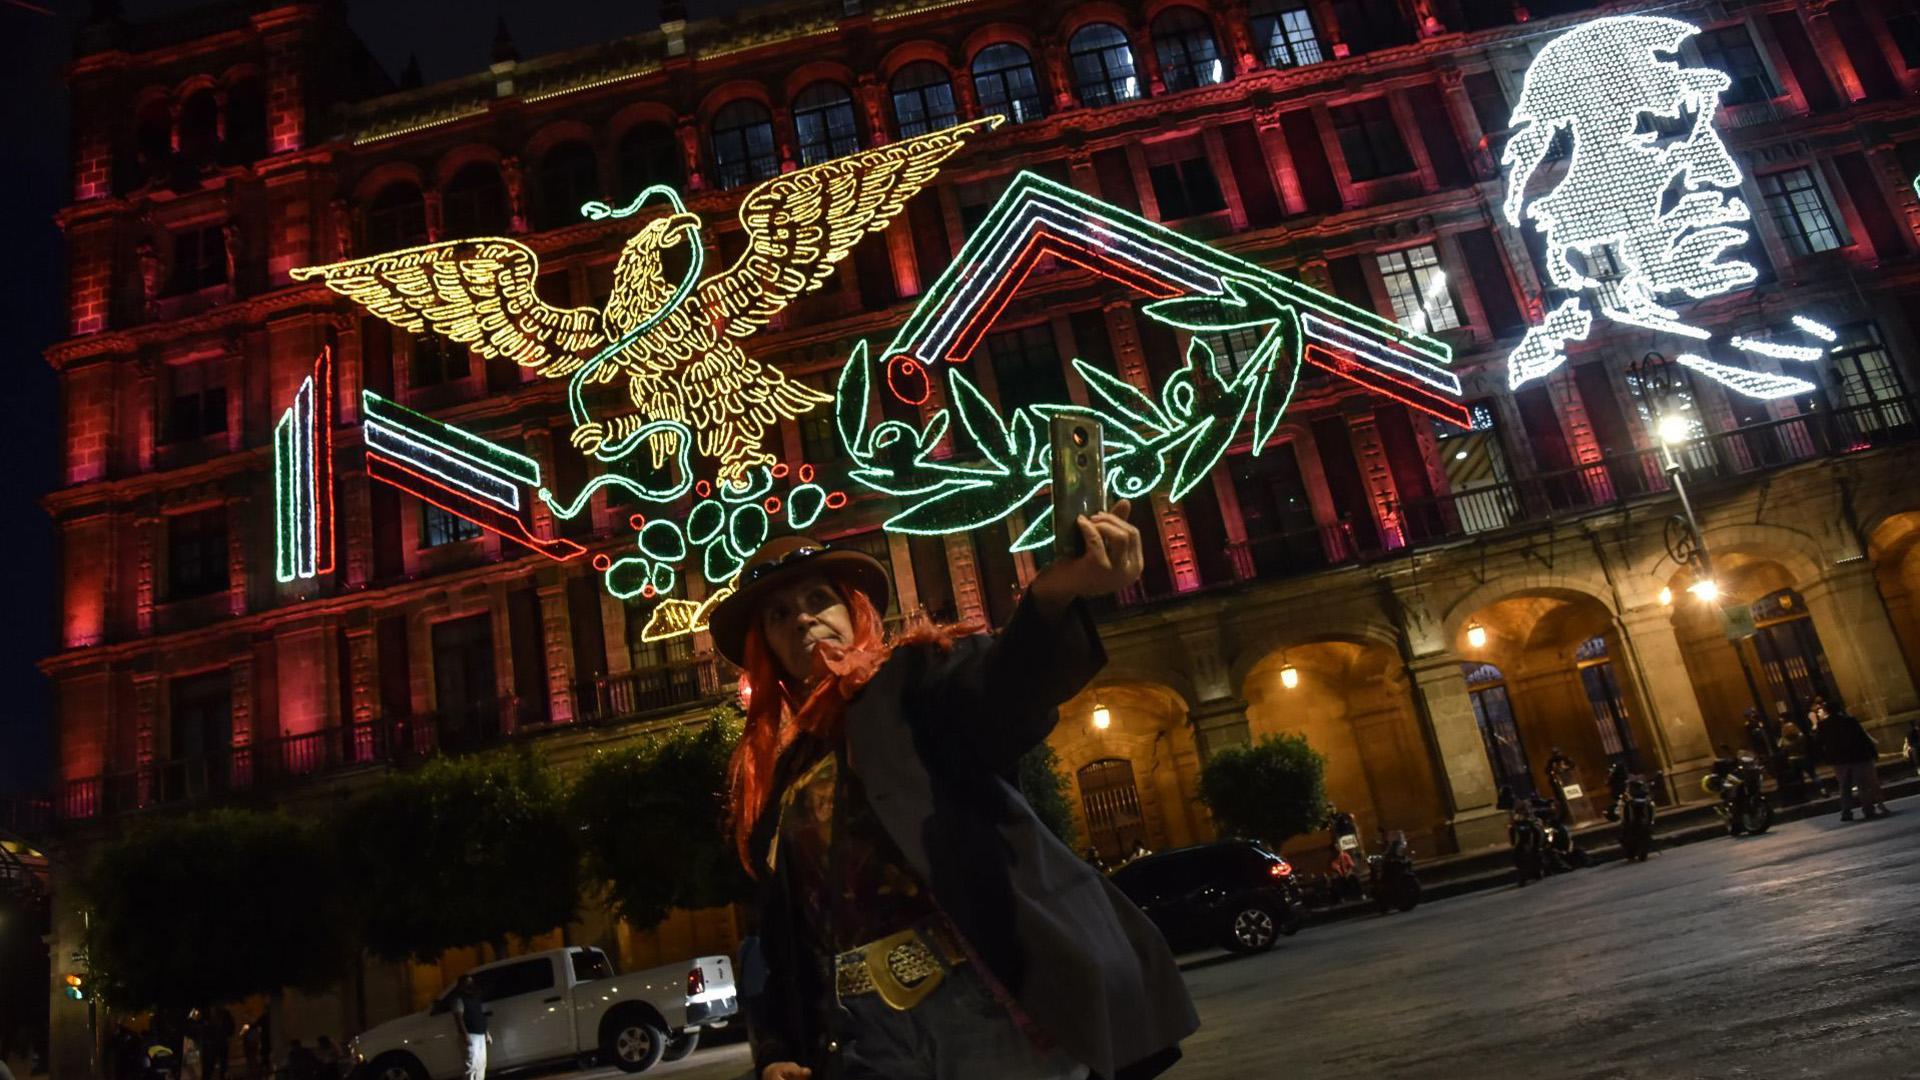 Destacó el Águila Juarista, símbolo nacional a partir de la restauración de la república y la lucha invasión dirigida por los liberales (Foto: Cuartoscuro)